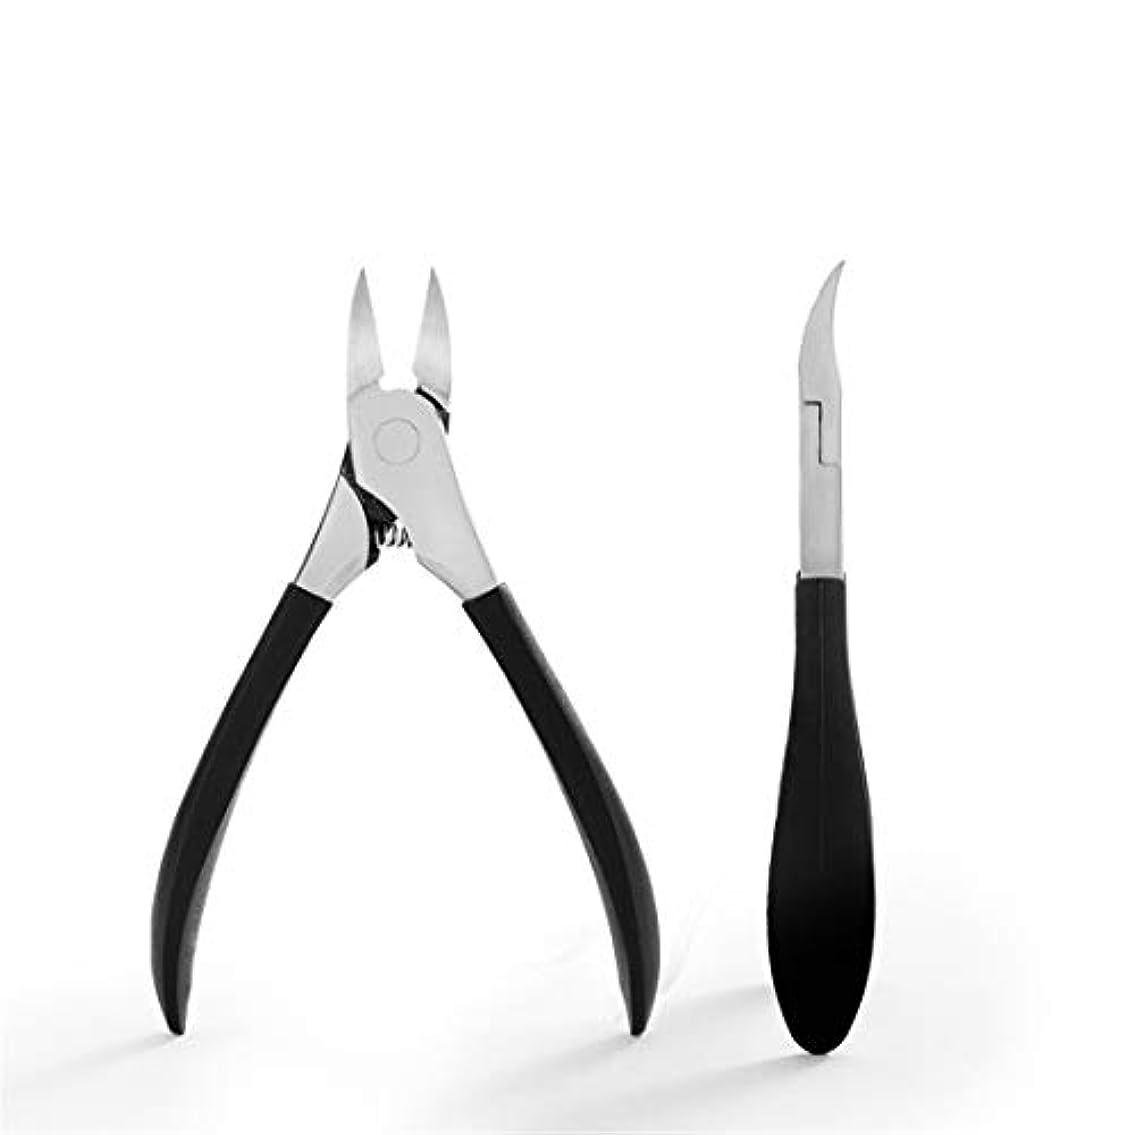 ゼロマスタードデザイナー爪切り ニッパー 巻き爪 大きい爪ヤスリとゾンデ 爪飛び散り防止カバー付き